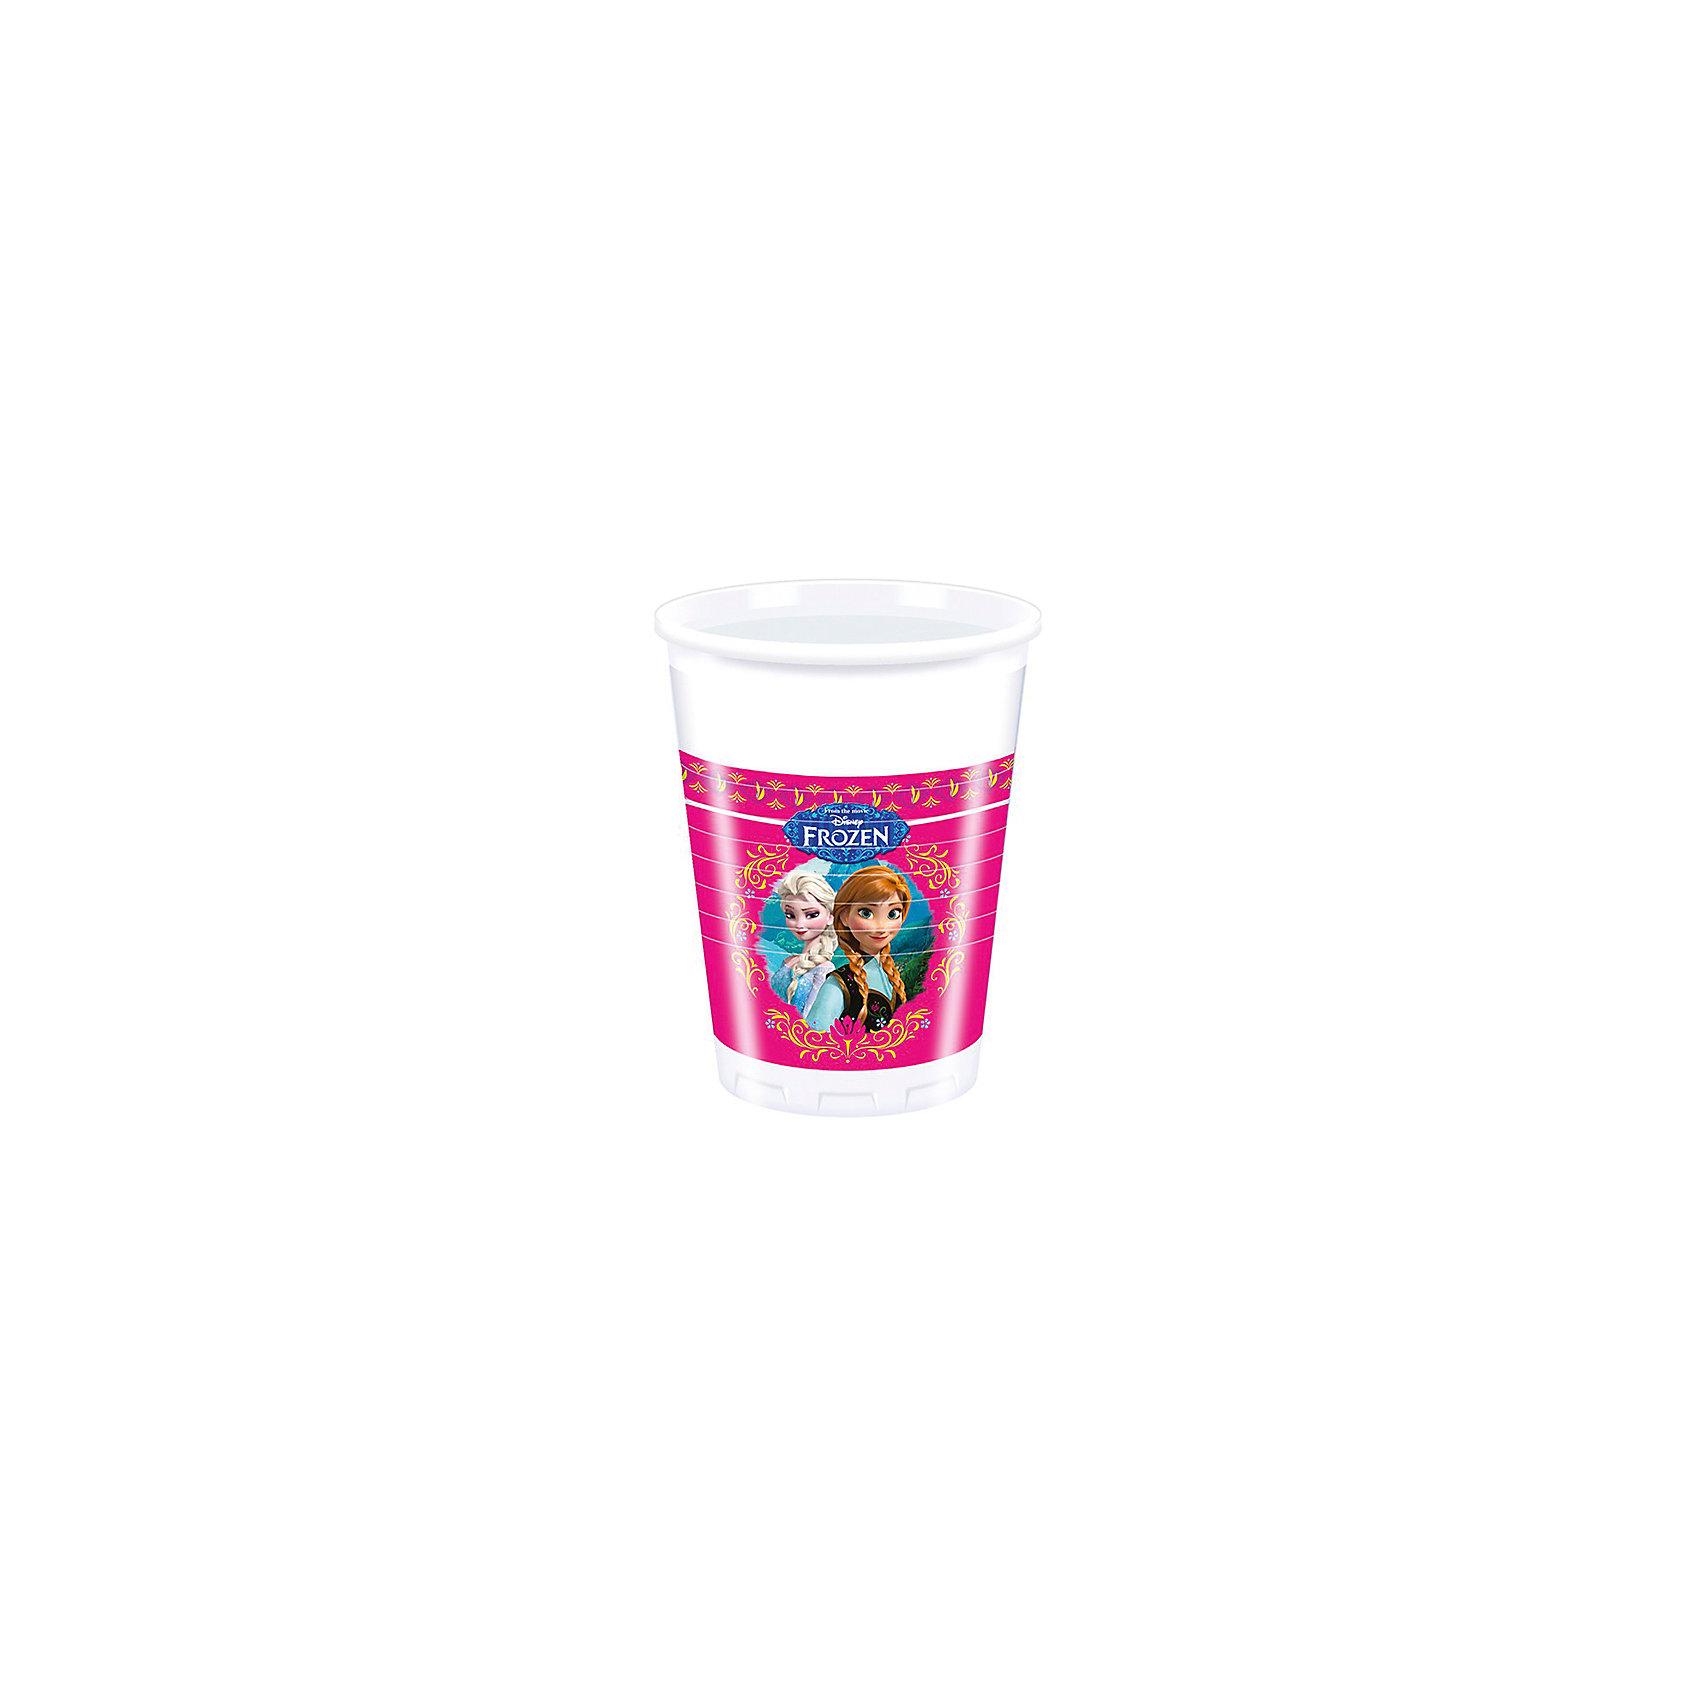 Стаканы пластиковые Холодное сердце (200 мл), 8штПластиковые стаканы Холодное сердце,  замечательно подойдут для детского праздника и помогут Вам красиво оформить праздничный стол. Комплект включает в себя 8 красочных стаканов, которые выполнены по мотивам популярного диснеевского мультфильма Холодное сердце и украшены изображениями его героинь - сестер Анны и Эльзы. Стаканы сделаны из высококачественного пластика и абсолютно безопасны для здоровья.<br><br>Дополнительная информация:<br><br>- В комплекте: 10 стаканов.<br>- Материал: высококачественный пластик..<br>- Объем стакана: 200 мл.<br>- Размер упаковки: 5,5 х 5,5 х 10 см.<br>- Вес: 90 гр.<br><br>Пластиковые стаканы Холодное сердце,  можно купить в нашем интернет-магазине.<br><br>Ширина мм: 7<br>Глубина мм: 13<br>Высота мм: 7<br>Вес г: 25<br>Возраст от месяцев: -2147483648<br>Возраст до месяцев: 2147483647<br>Пол: Женский<br>Возраст: Детский<br>SKU: 3823863